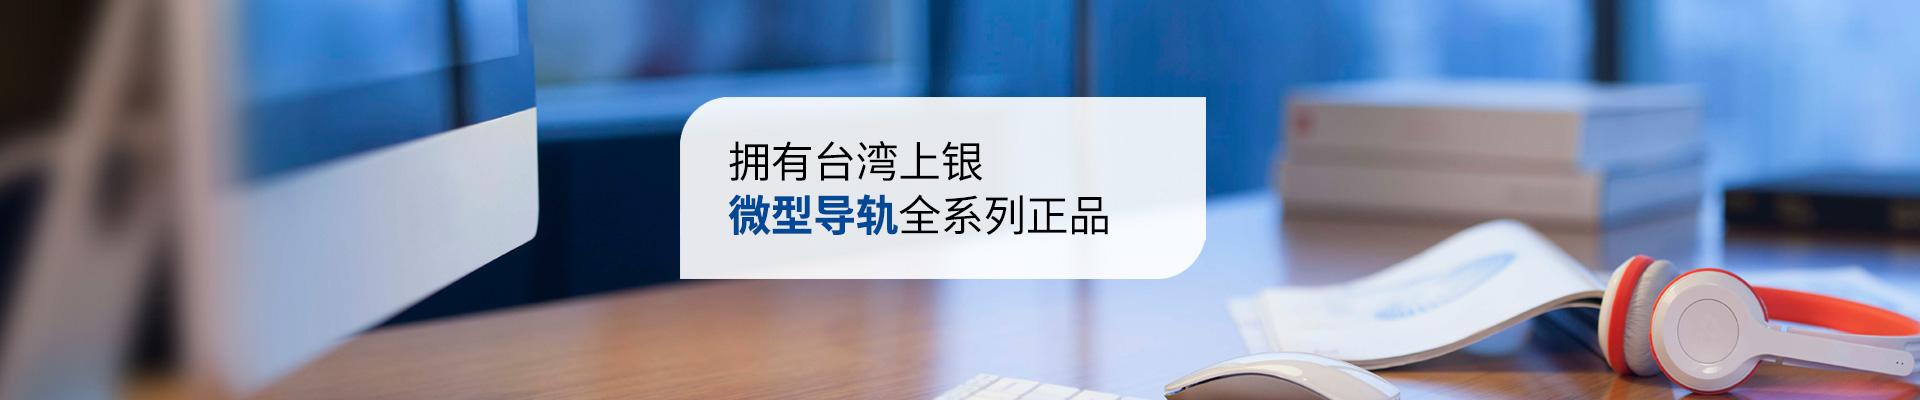 雅威达-拥有台湾上银微型导轨全系列正品